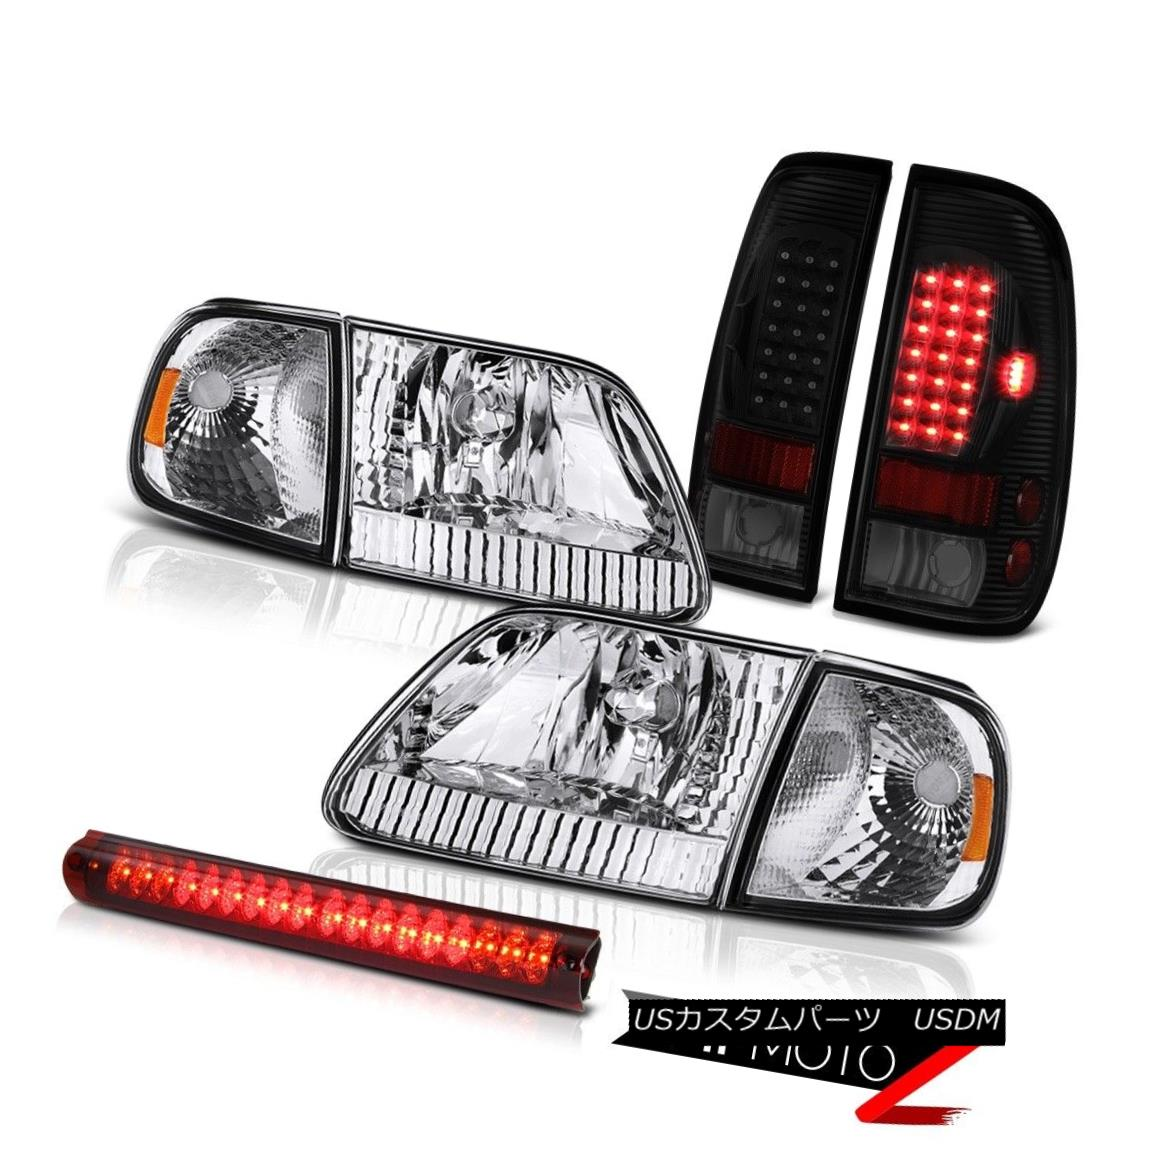 テールライト 97-03 F150 Xlt Headlights Red Clear Roof Cargo Light Taillamps SMD Replacement 97-03 F150 Xltヘッドライト赤いクリア屋根貨物ライトのタイルランプSMDの交換